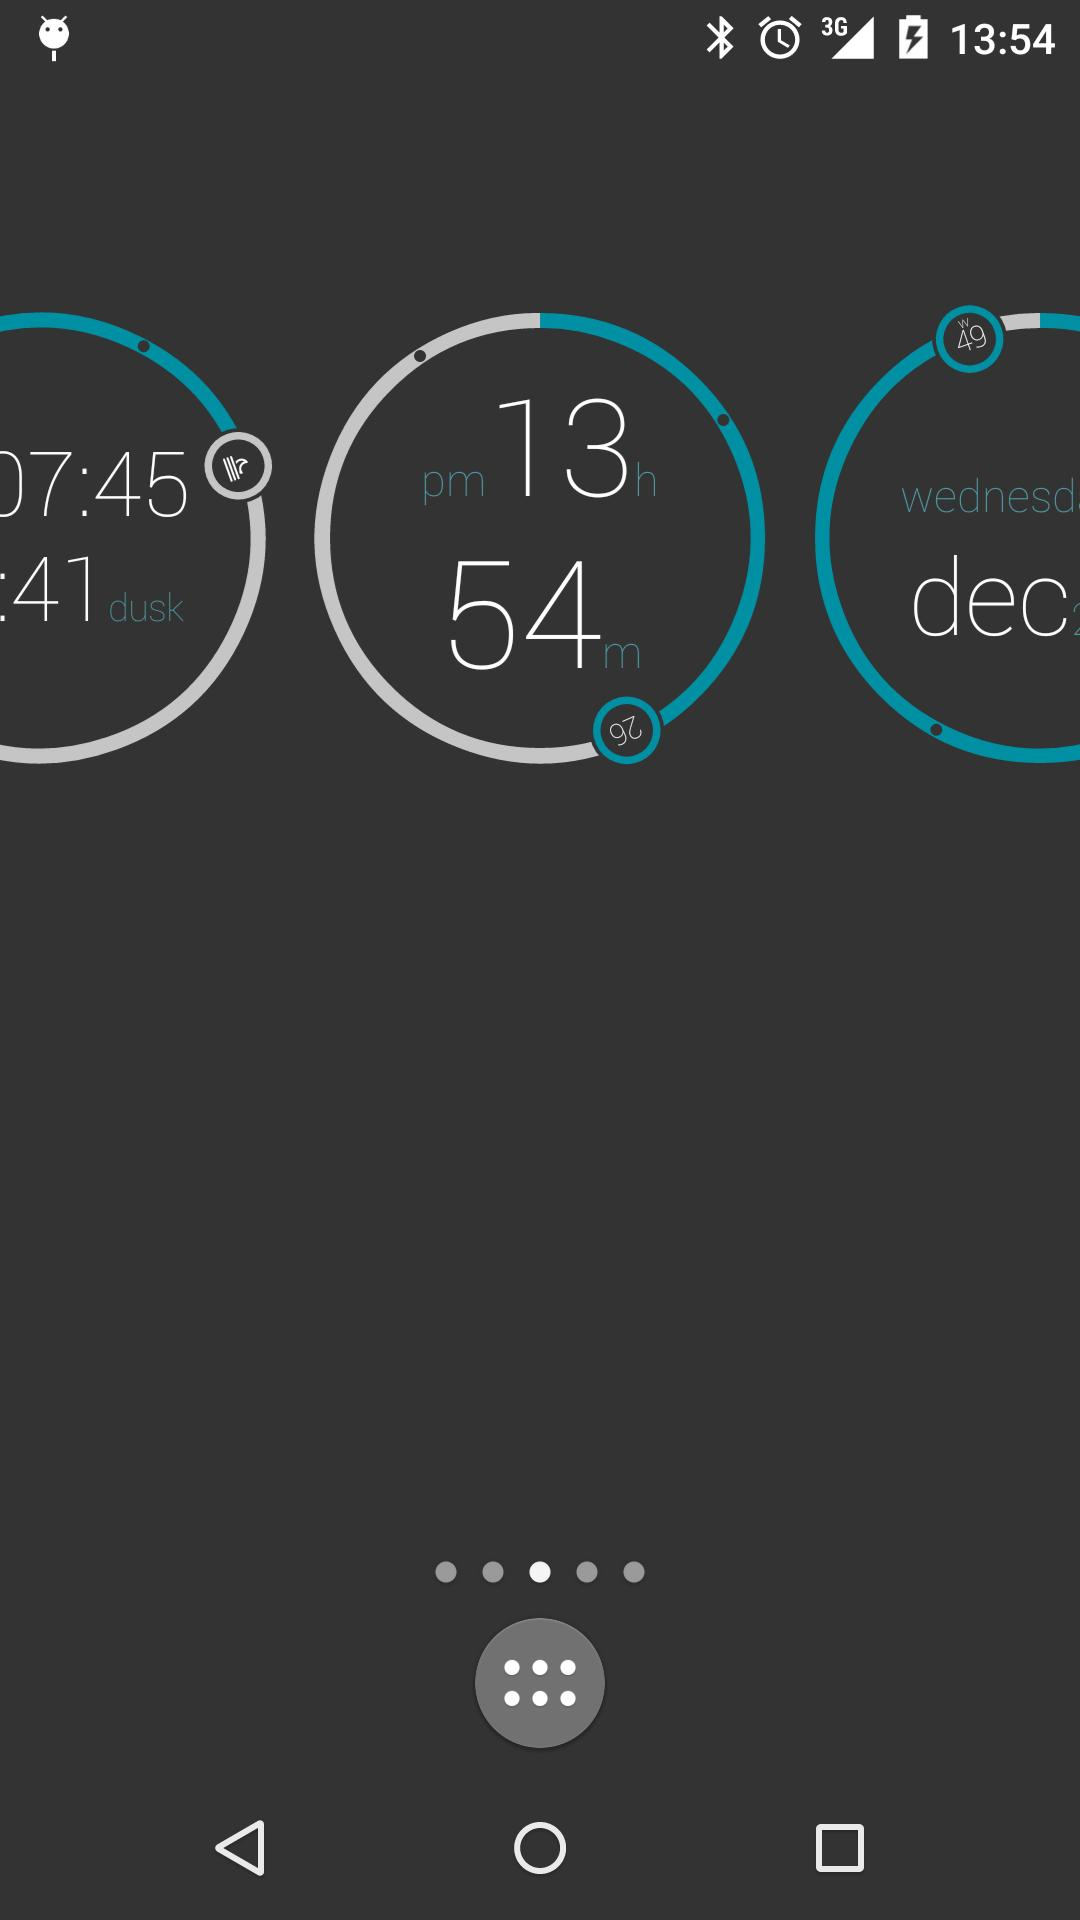 KLWP Live Wallpaper Maker 3.43b931910 Screenshot 7